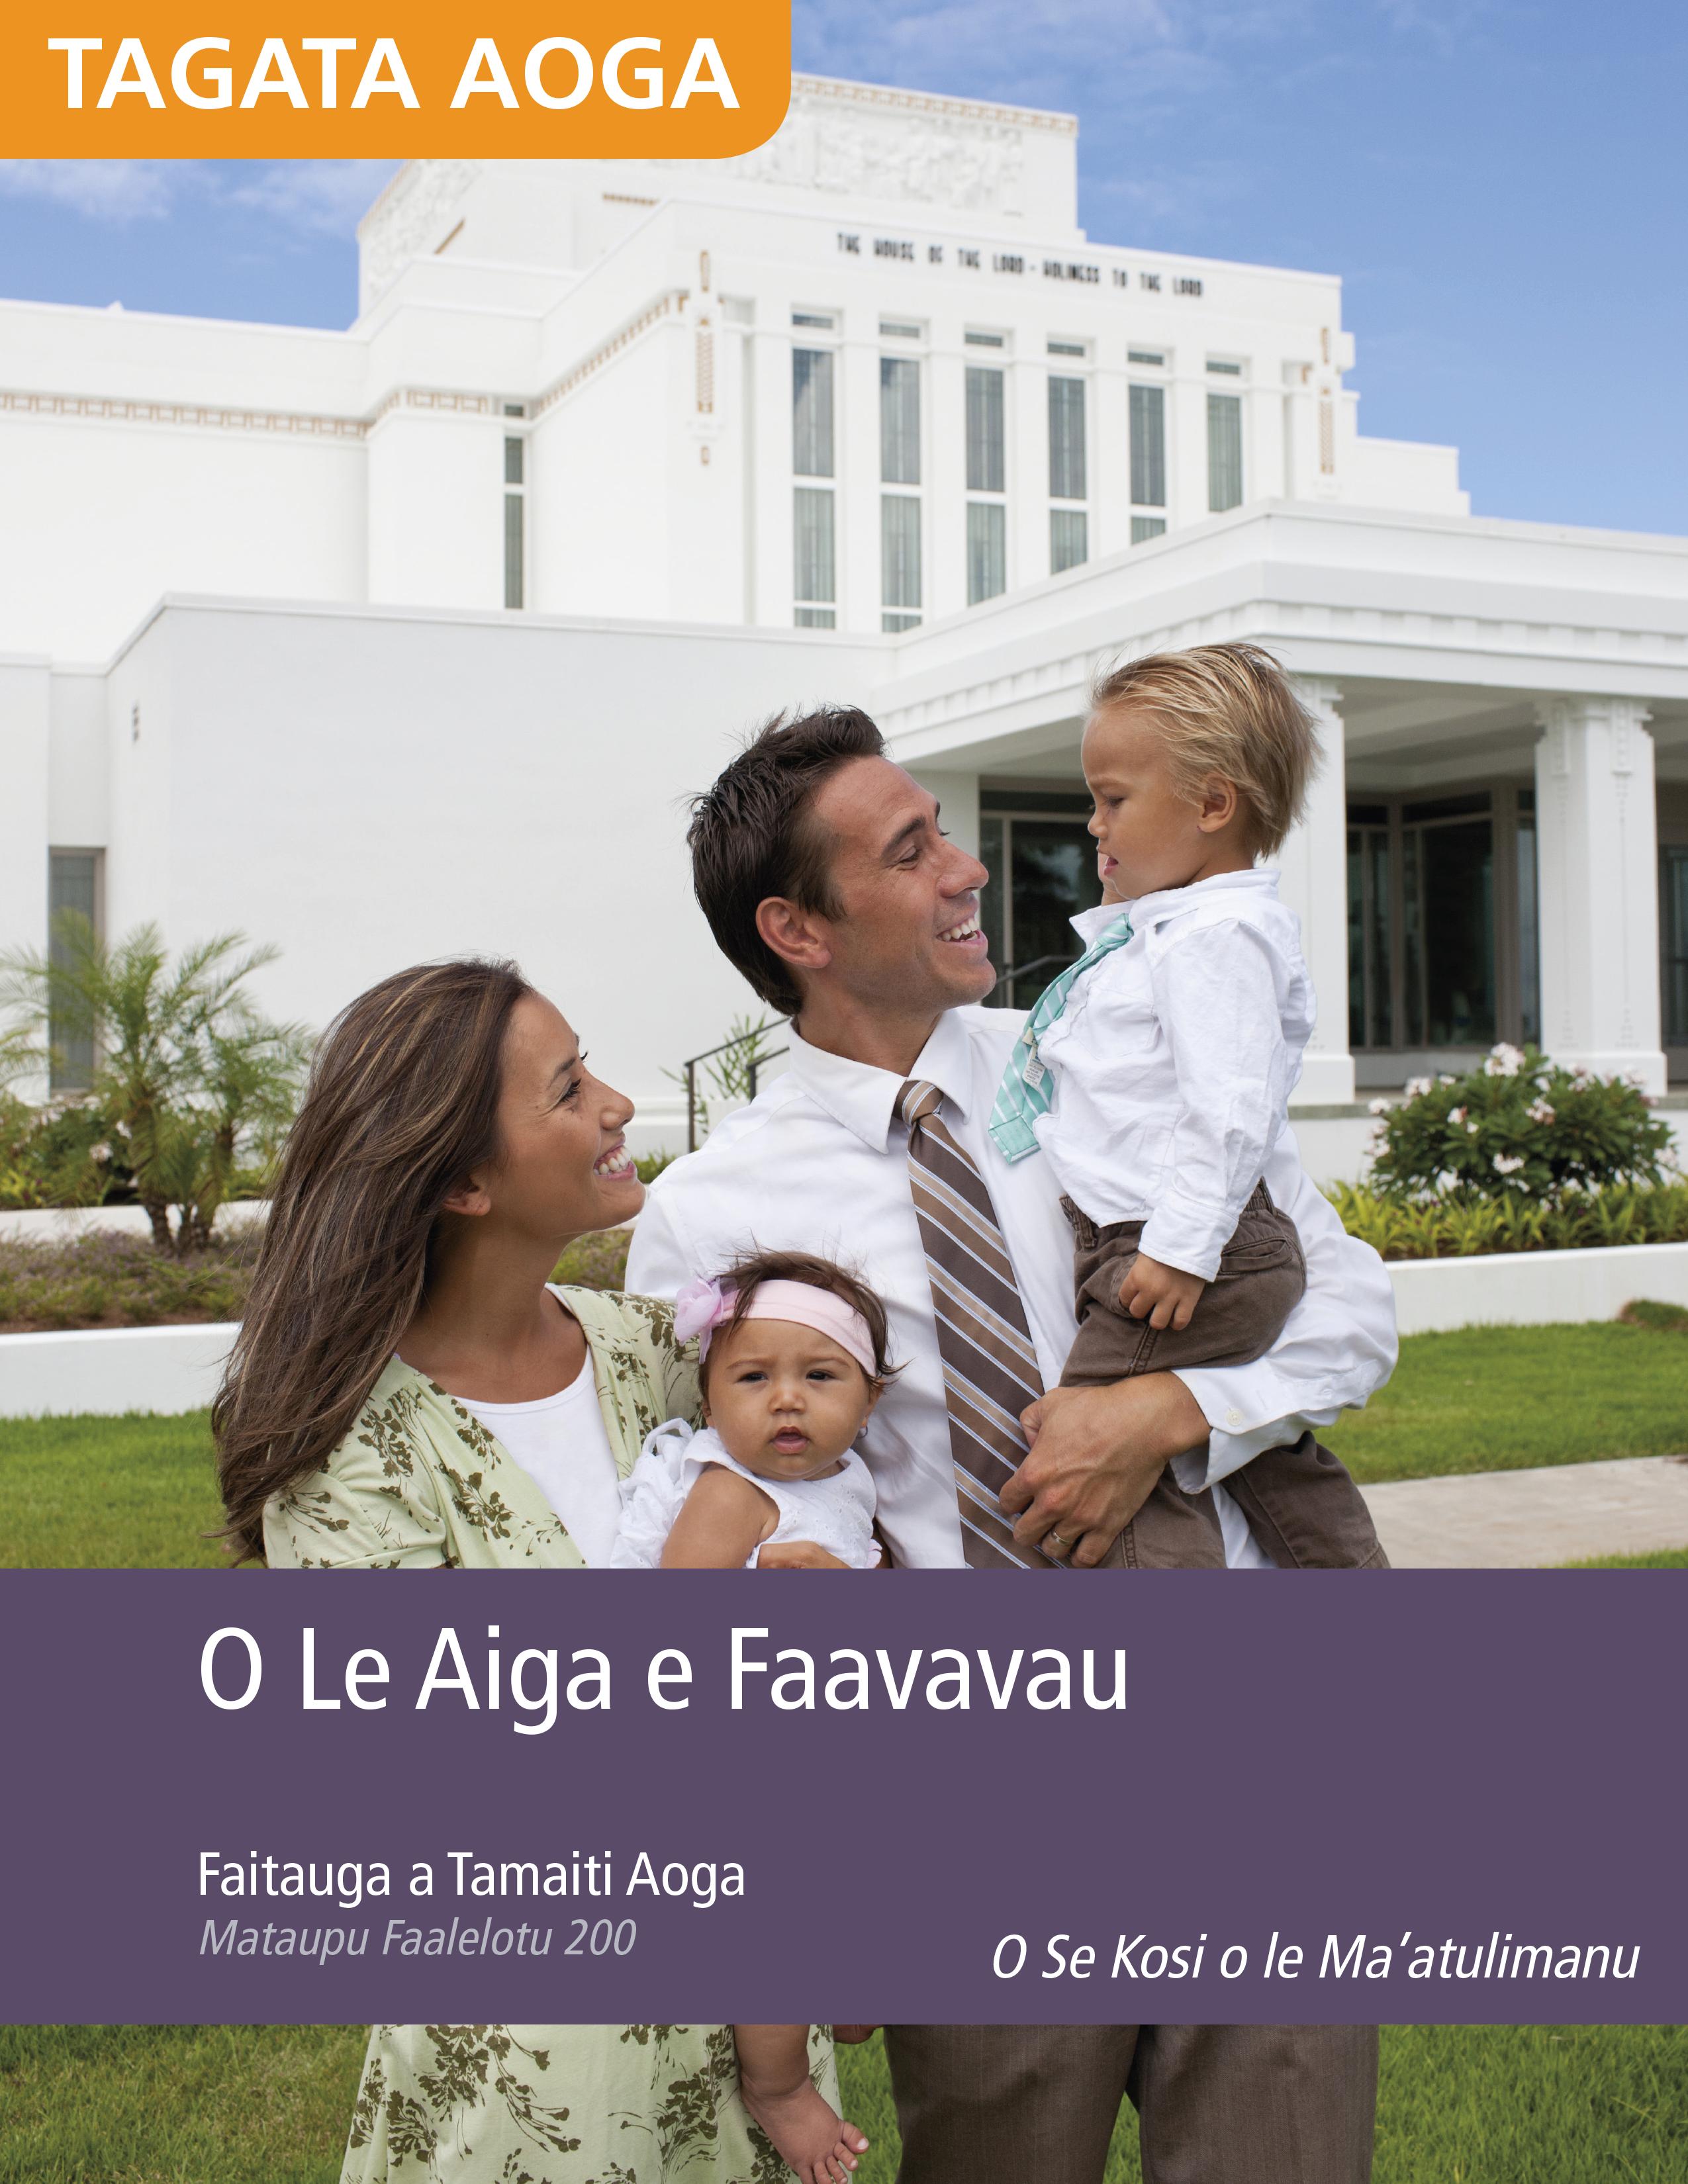 Faitauga a Tagata Aoga o Le Aiga e Faavavau (Mataupu Faalelotu 200)